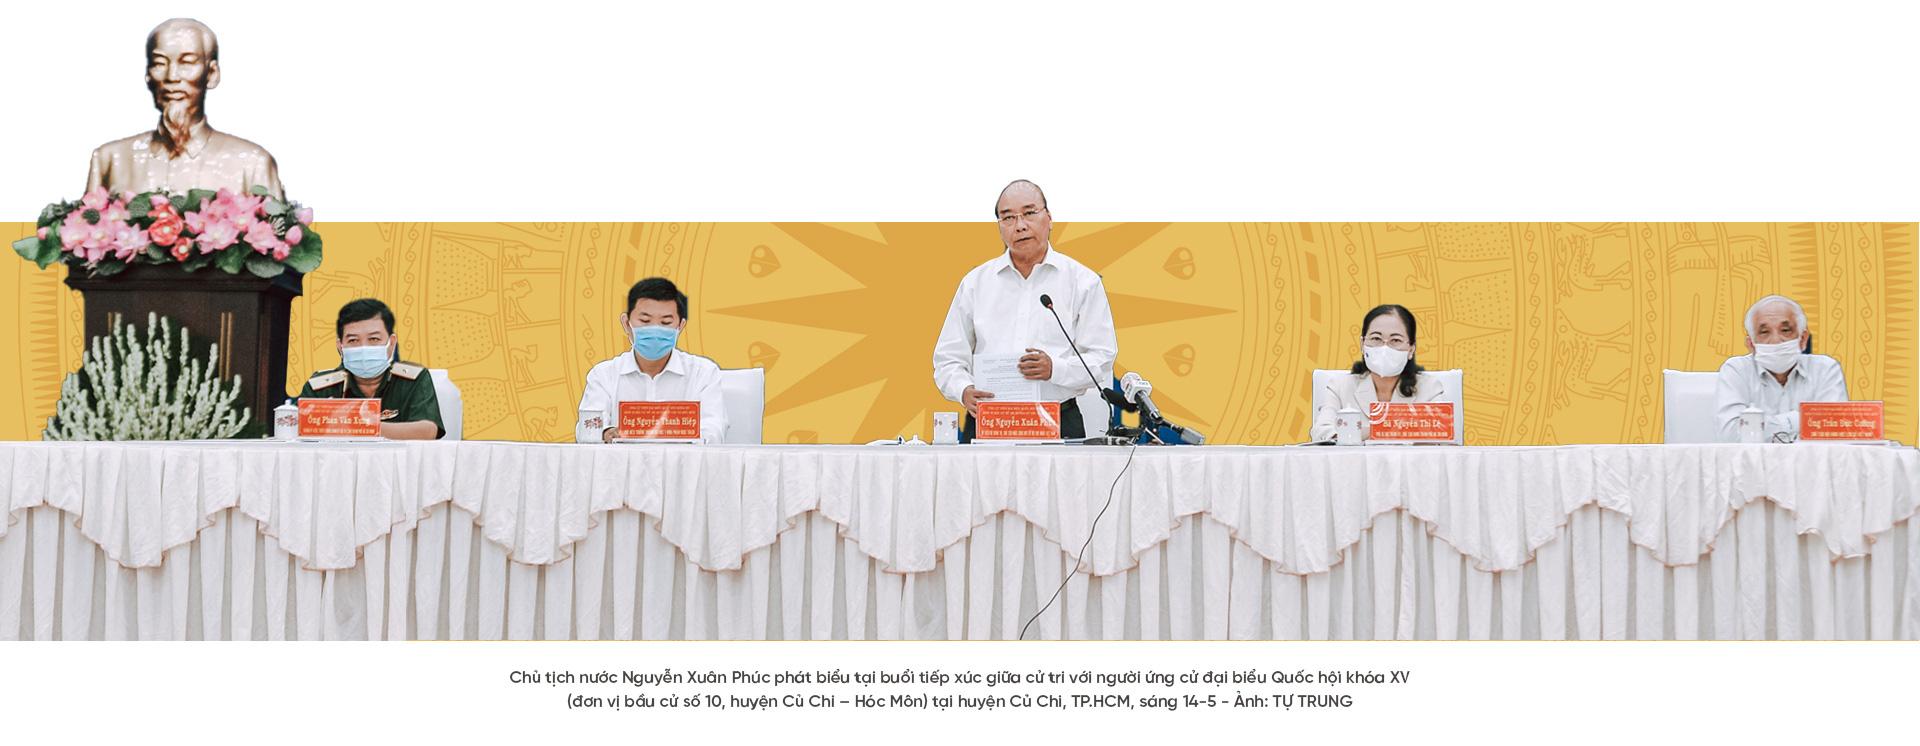 Chủ tịch nước Nguyễn Xuân Phúc: Biến truyền thống hào hùng thành sức mạnh phát triển - Ảnh 5.